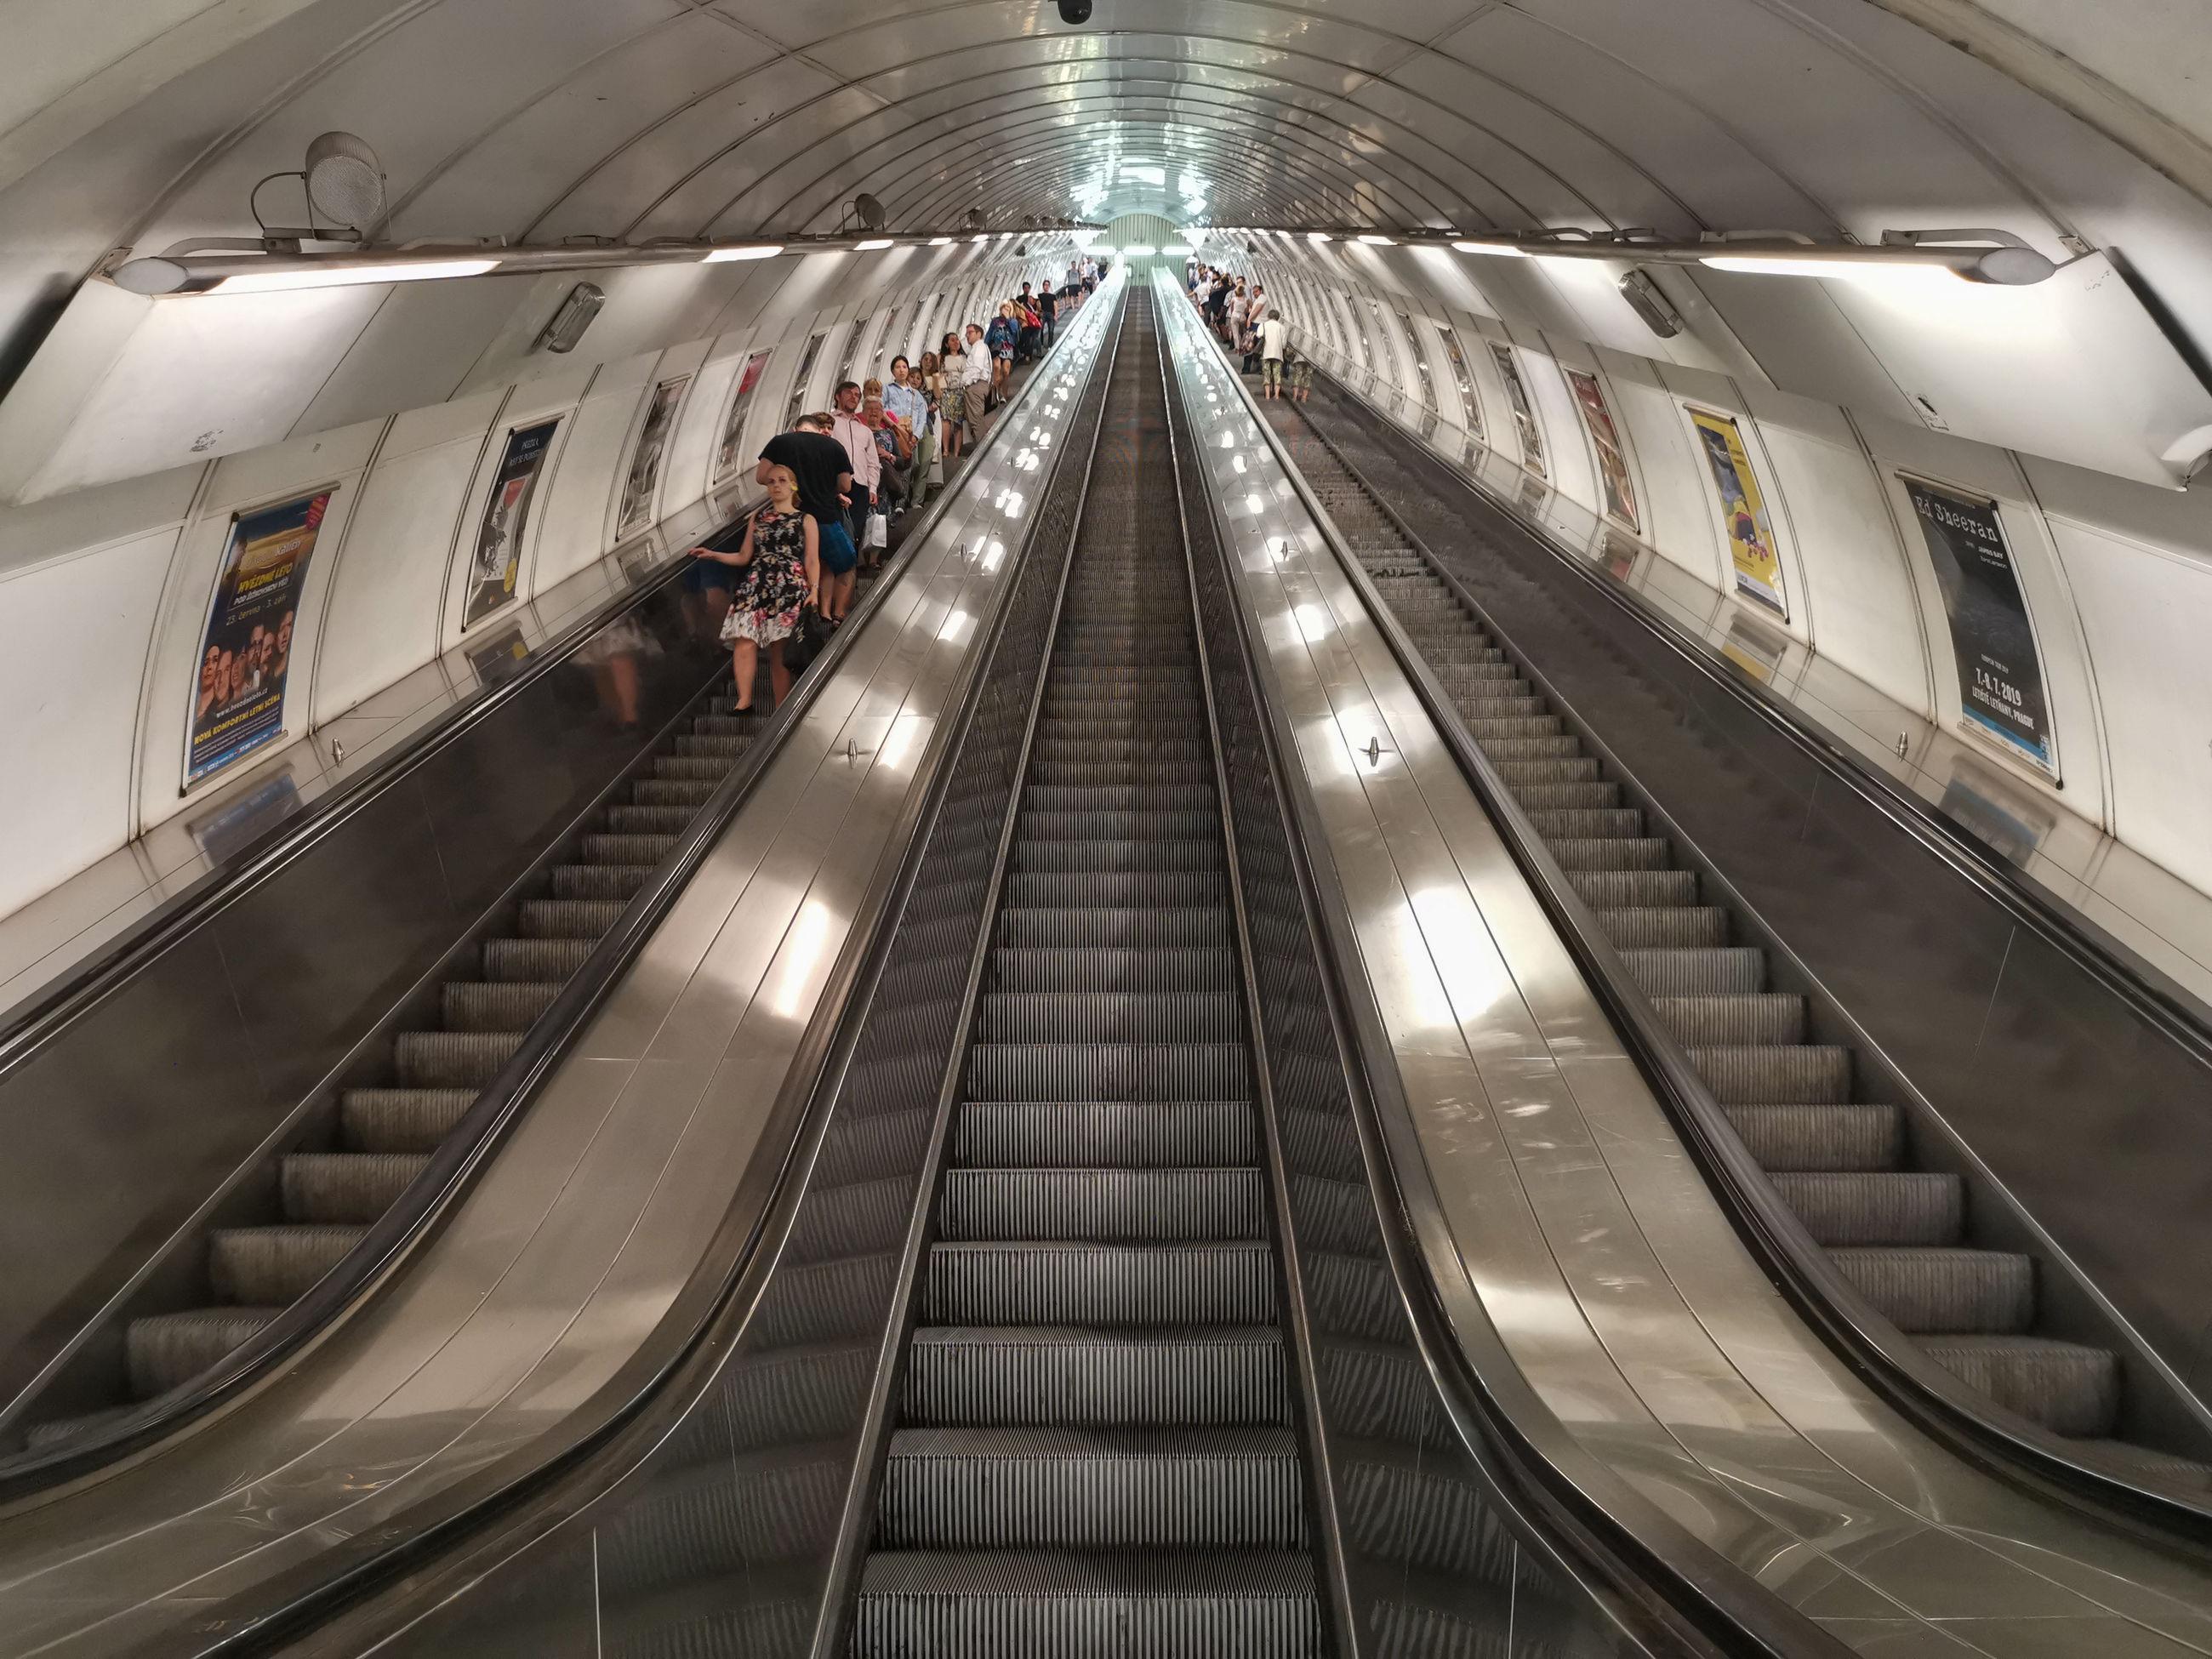 High angle view of escalator at subway station